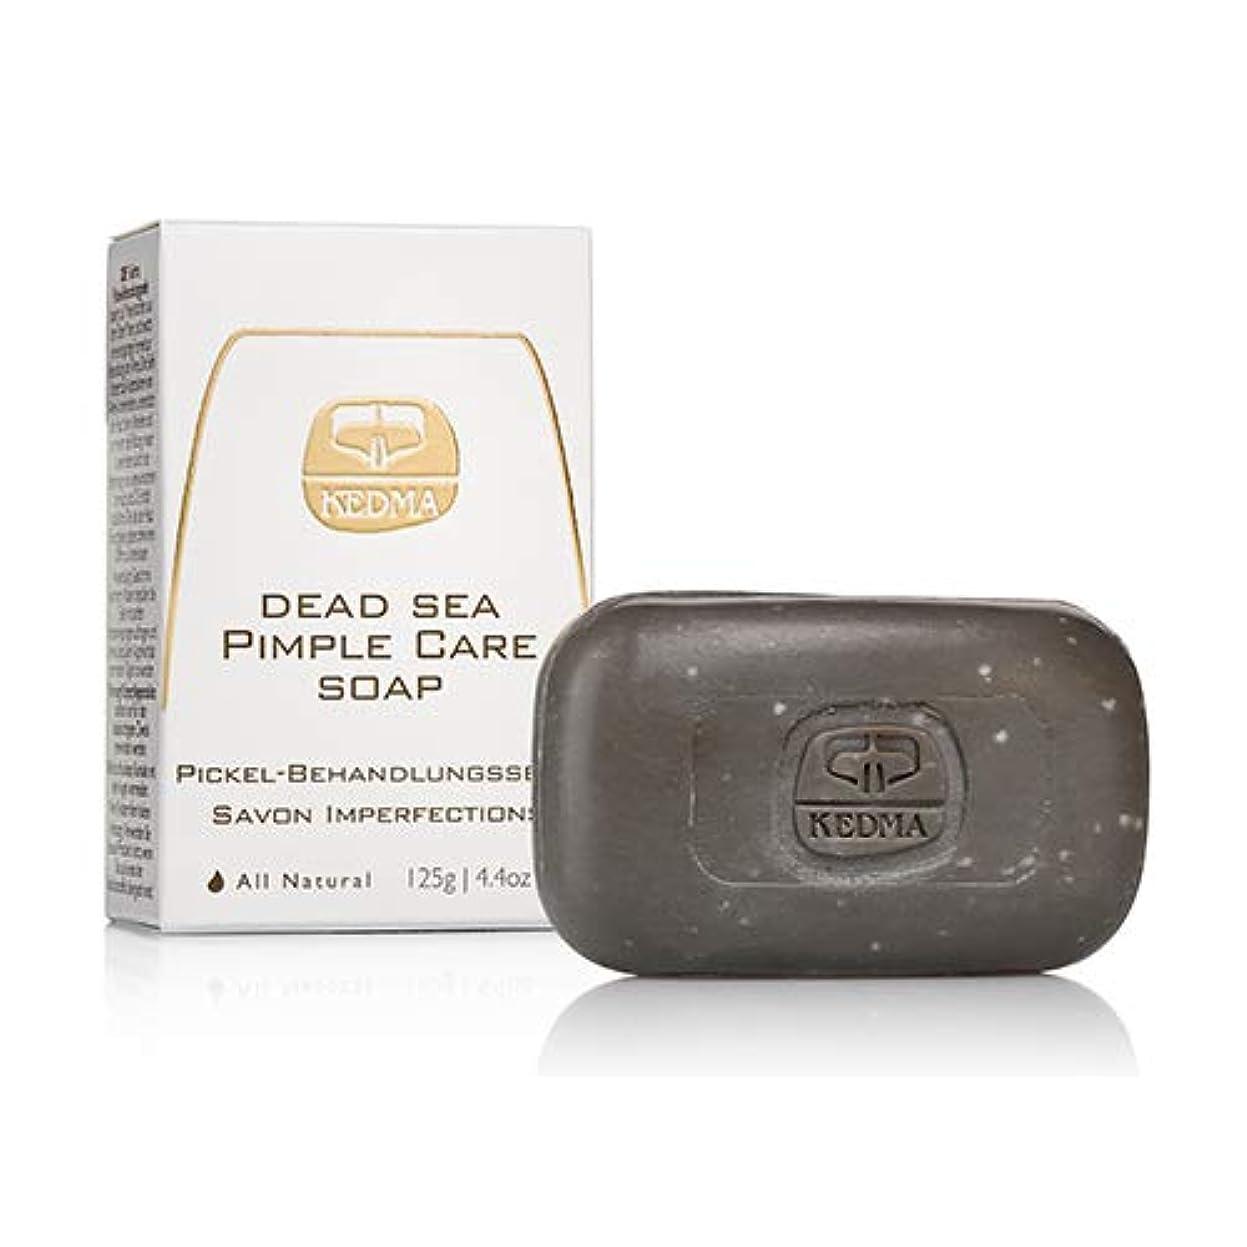 酸ユーザーバック【日本初上陸/正規代理店】KEDMA死海のミネラル石鹸 死海ピンプルケアソープ 125g